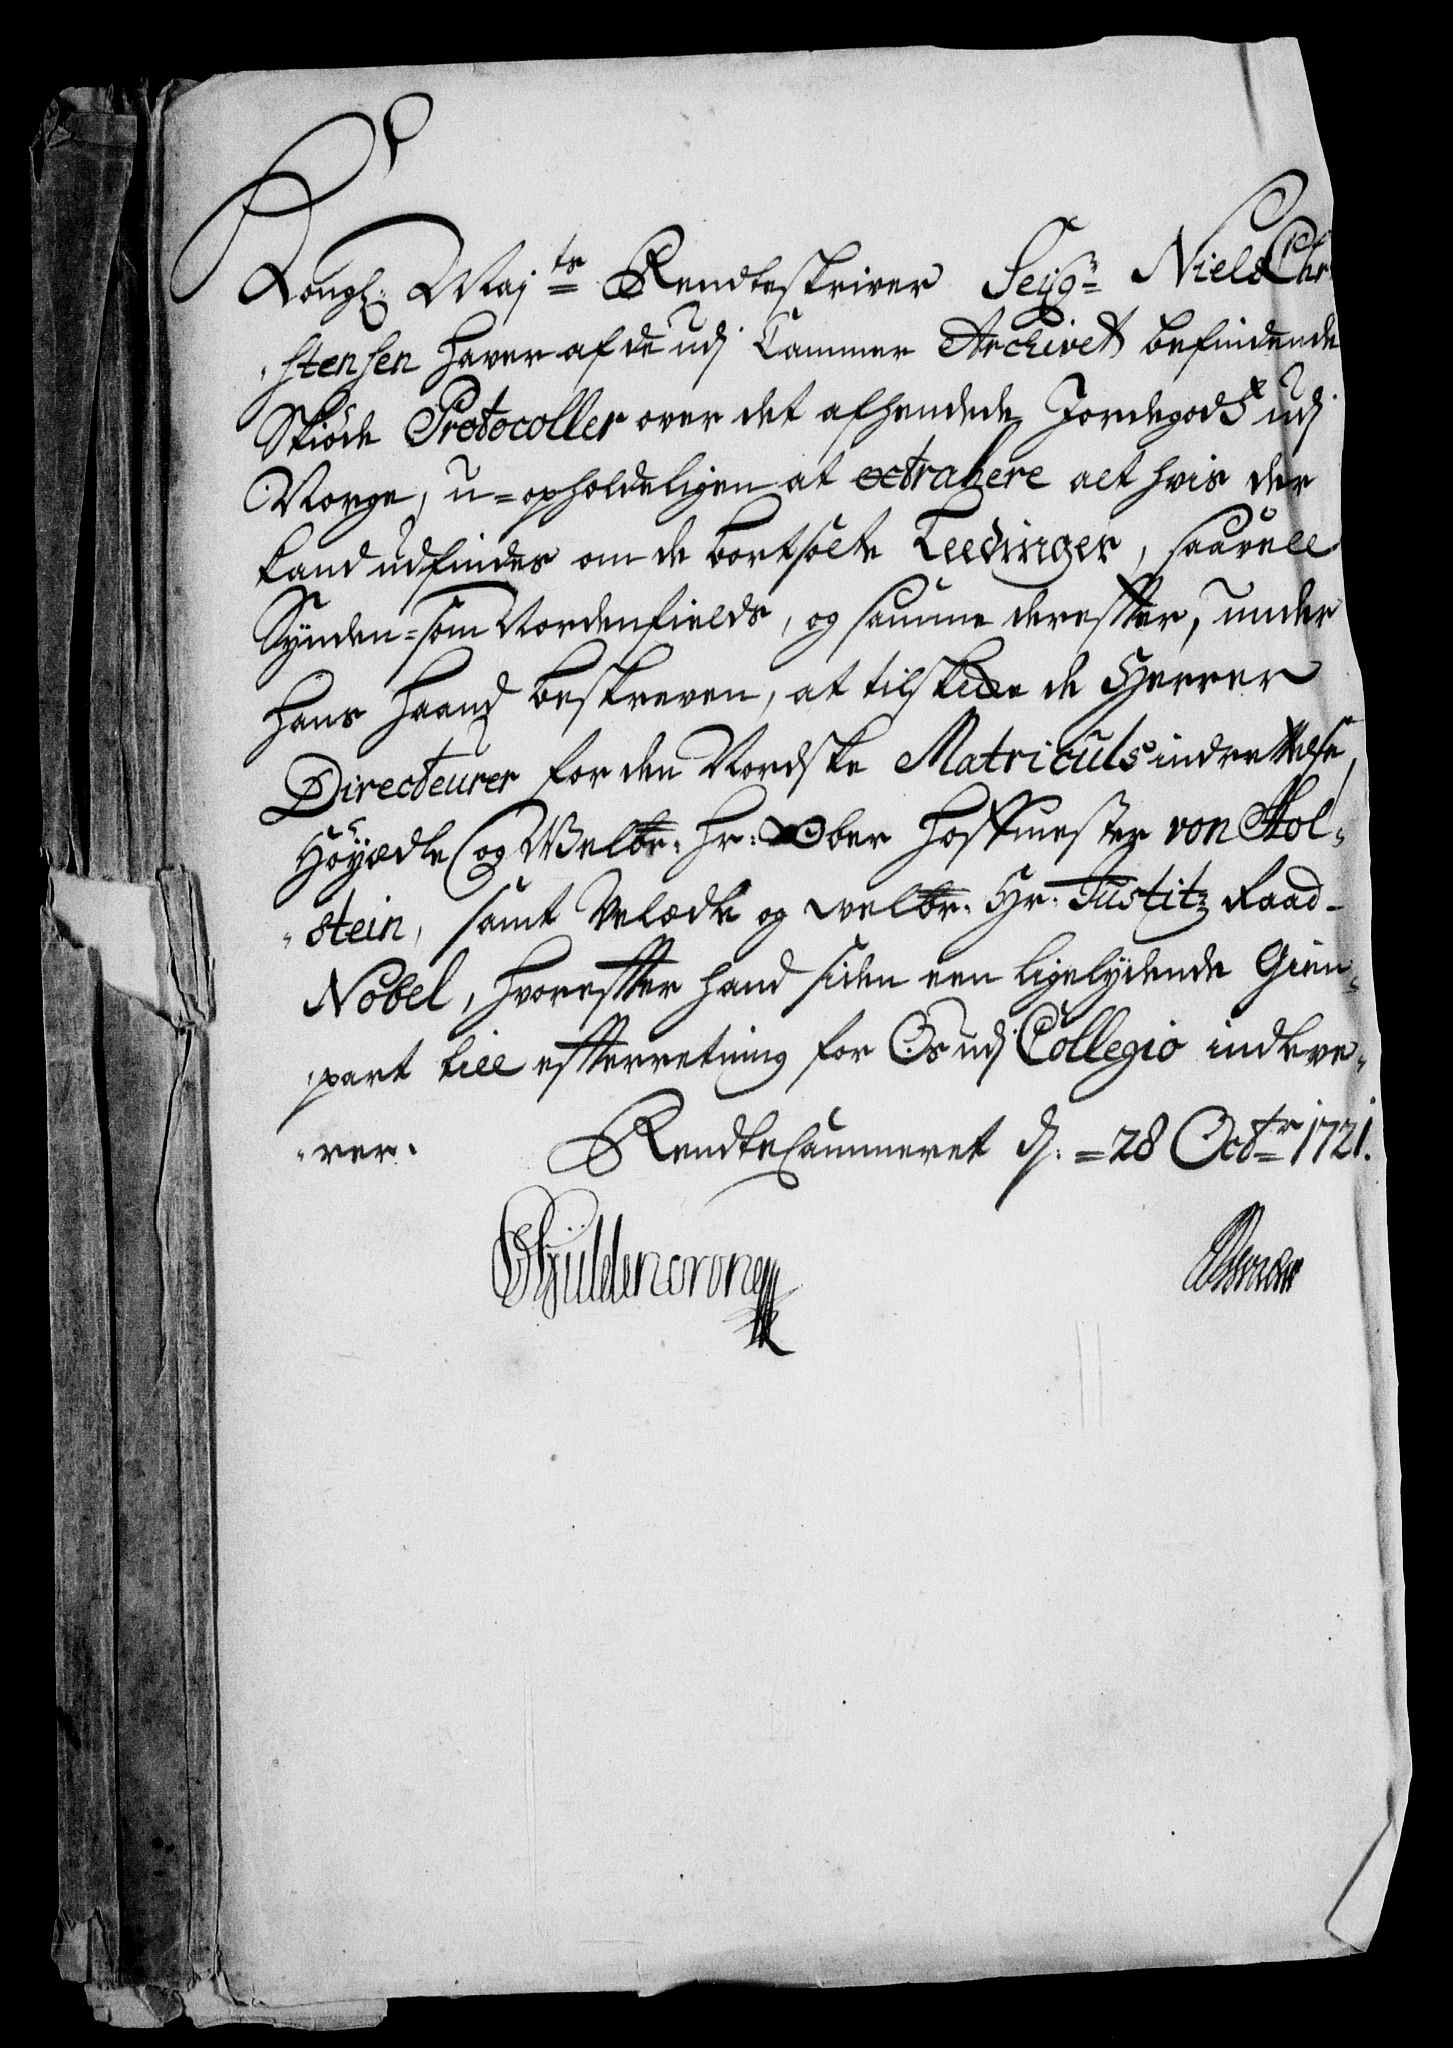 RA, Rentekammeret inntil 1814, Realistisk ordnet avdeling, On/L0011: [Jj 12]: Salg av pante- og reluisjonsgods i Norge, 1658-1729, s. 335